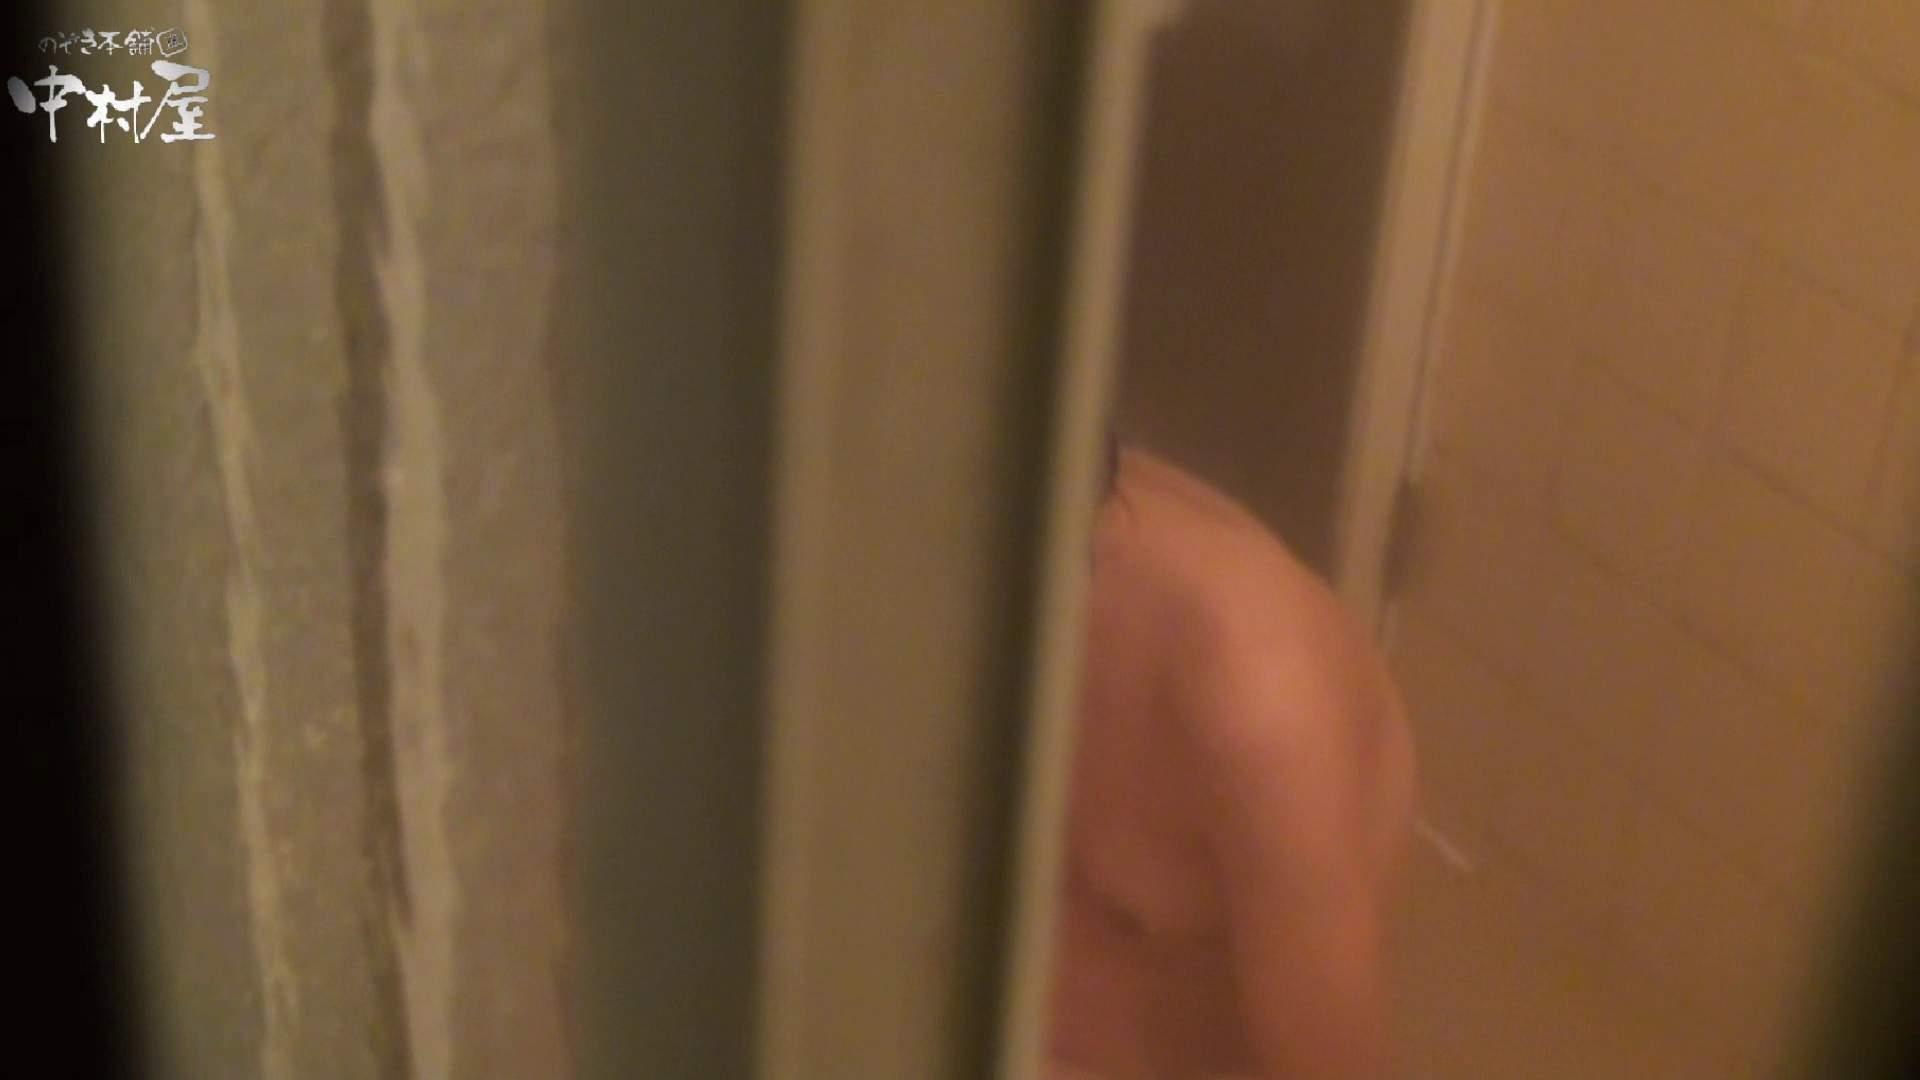 民家風呂専門盗撮師の超危険映像 vol.032 綺麗なOLたち おまんこ無修正動画無料 105枚 86